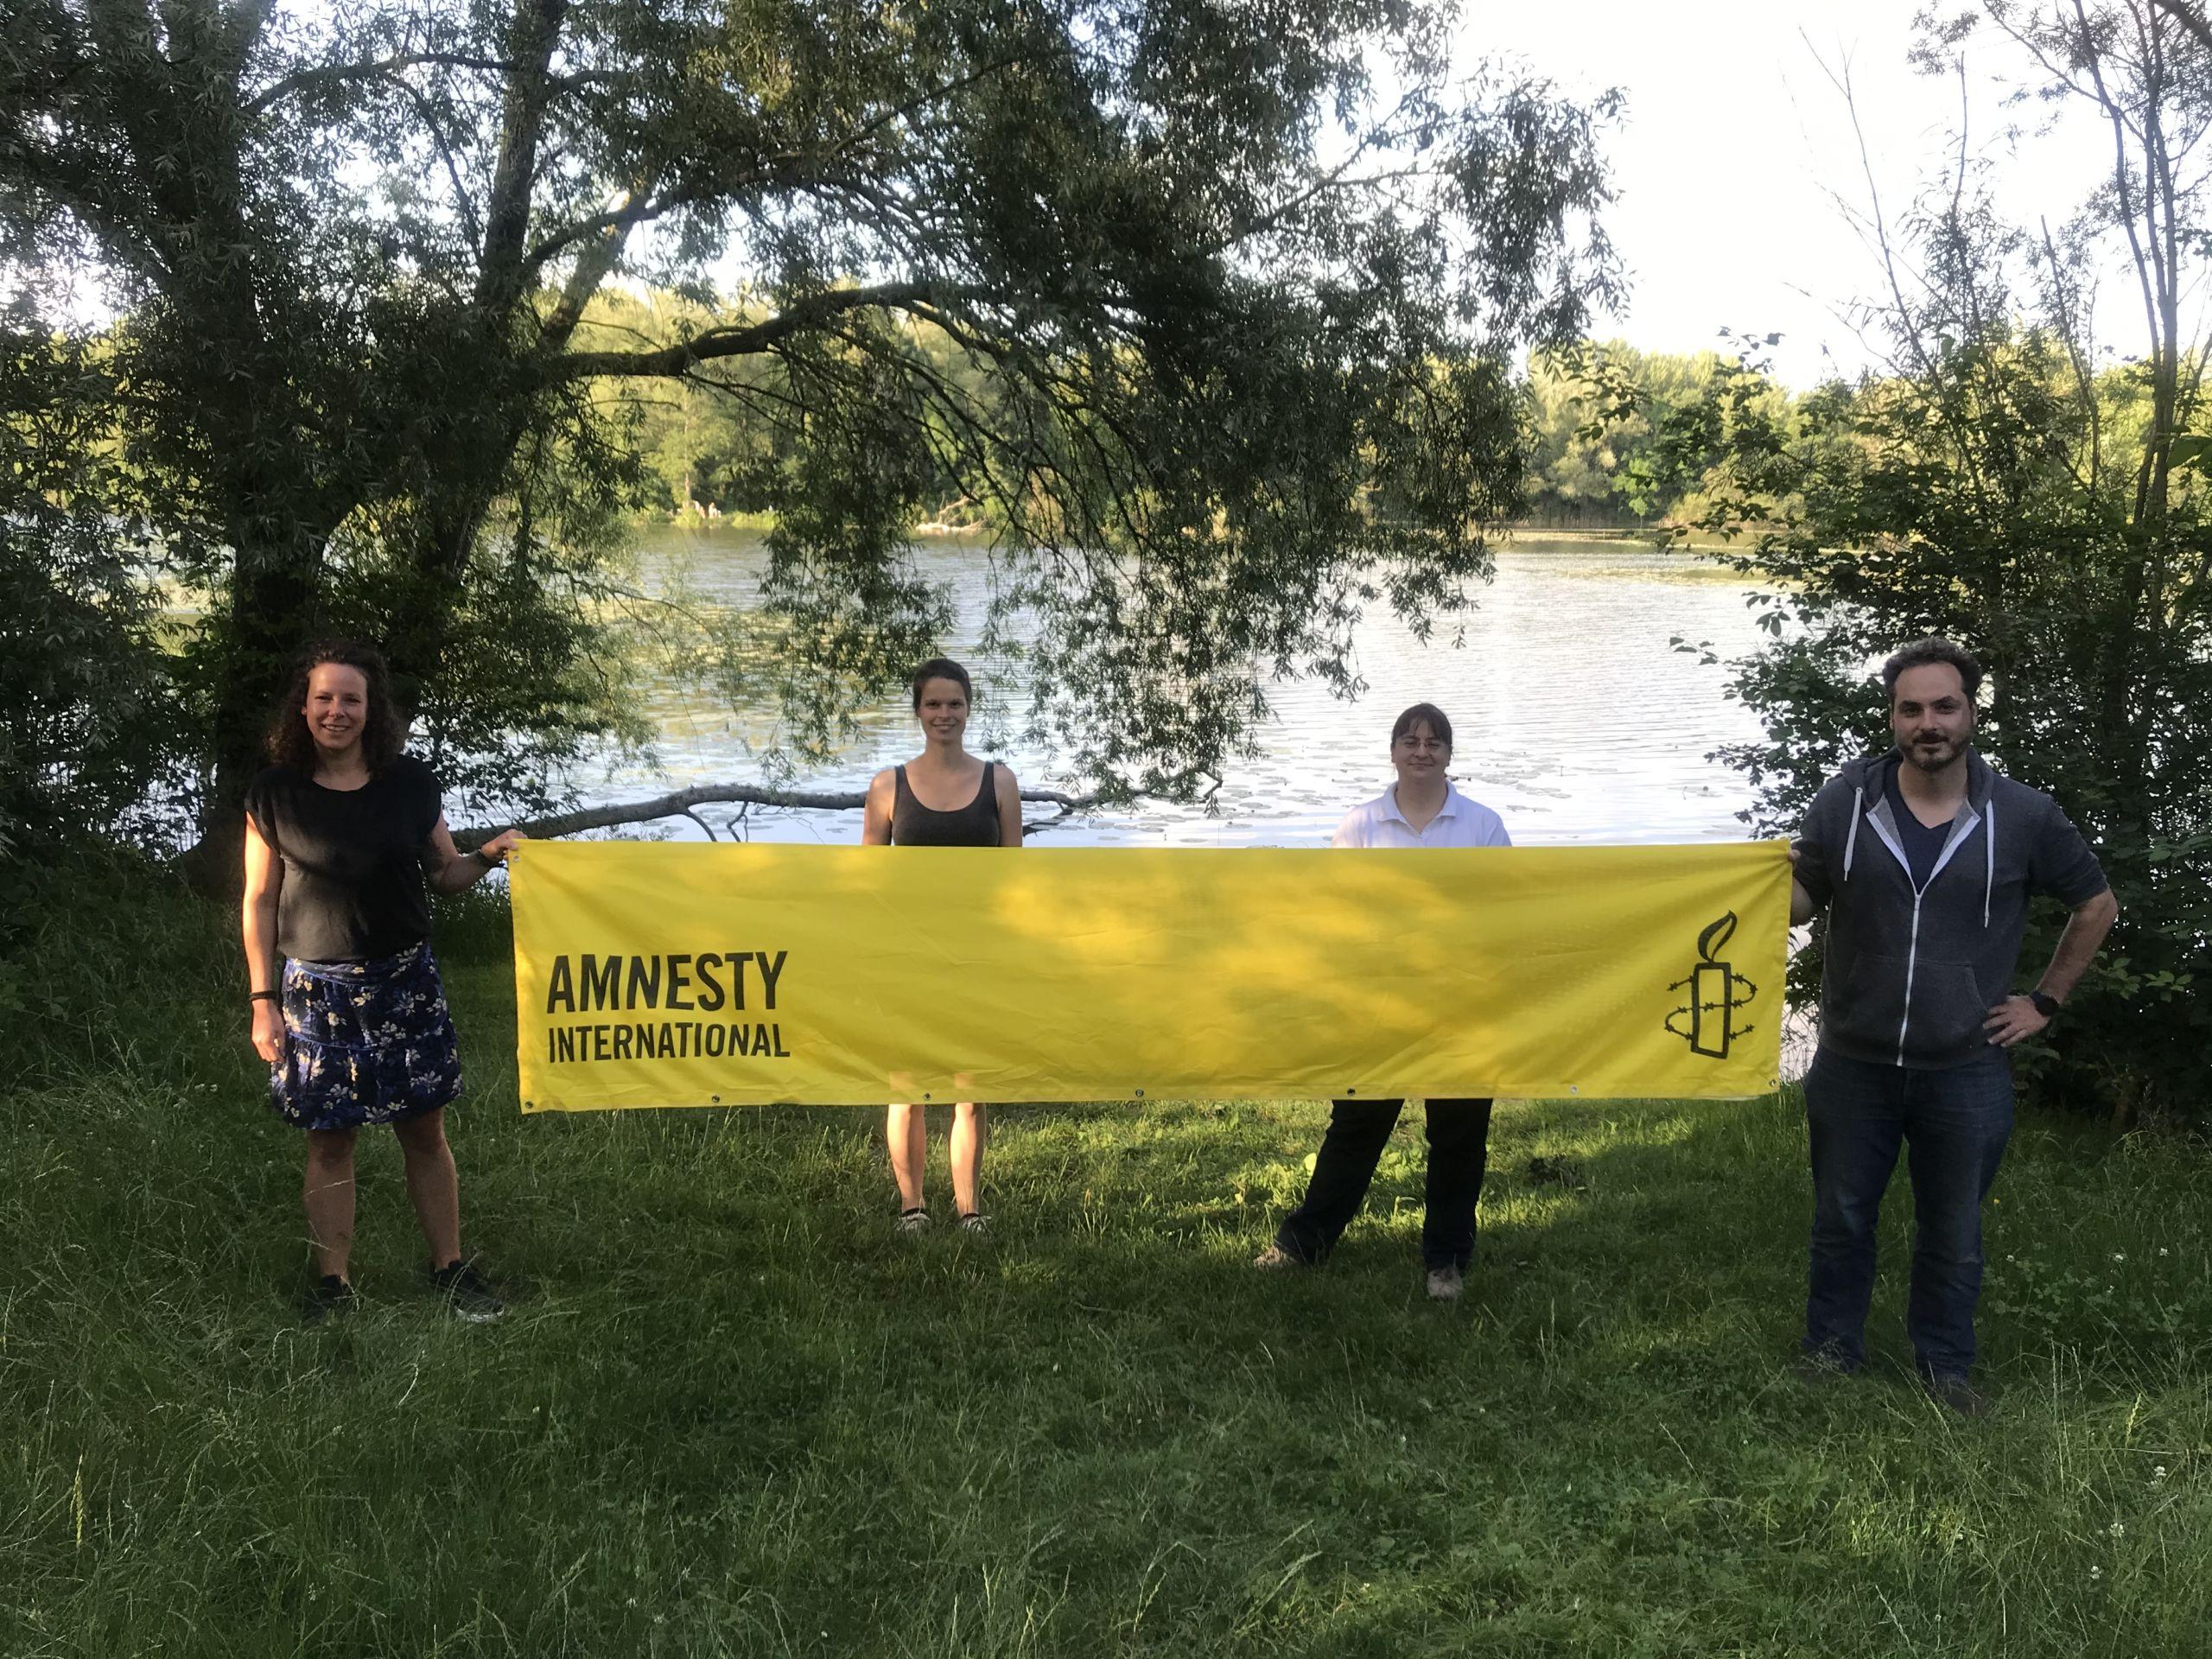 Gruppenfoto unserer Amnesty International Gruppe